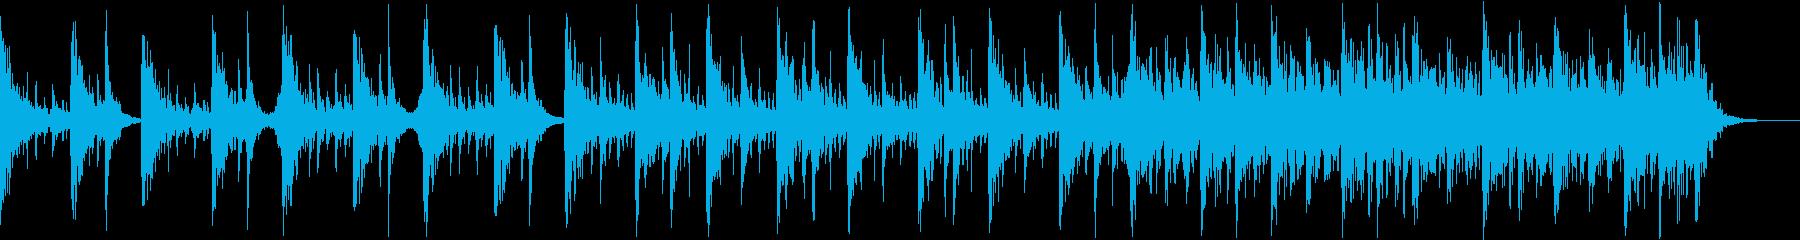 ワールド 民族 神経質 ワイルド 打楽器の再生済みの波形